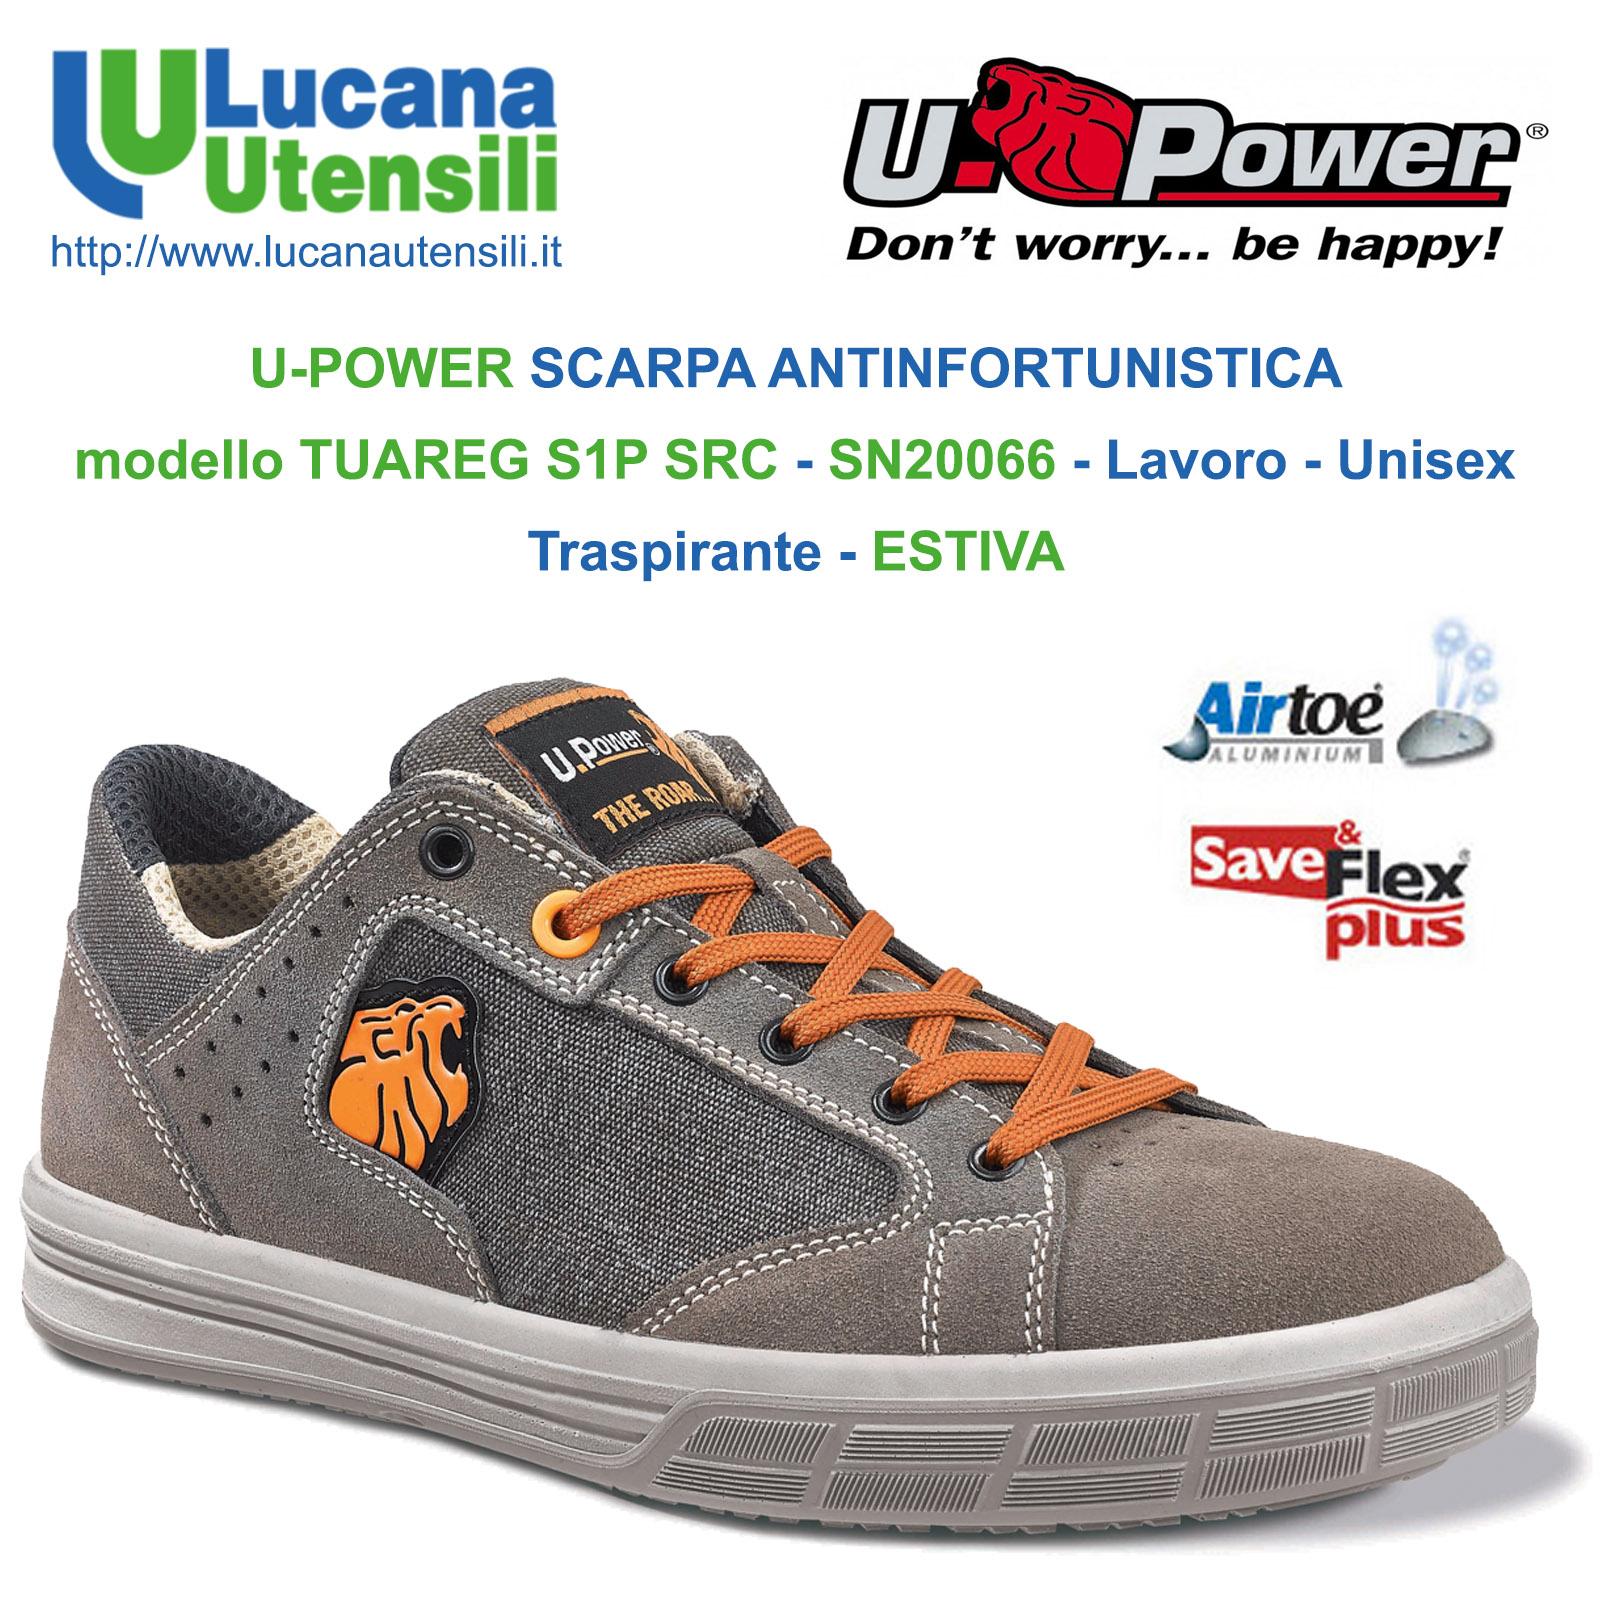 vasta selezione store come ottenere U-POWER SCARPA ANTINFORTUNISTICA modello TUAREG S1P SRC - SN20066 - Lavoro  - Unisex - Traspirante - ESTIVA